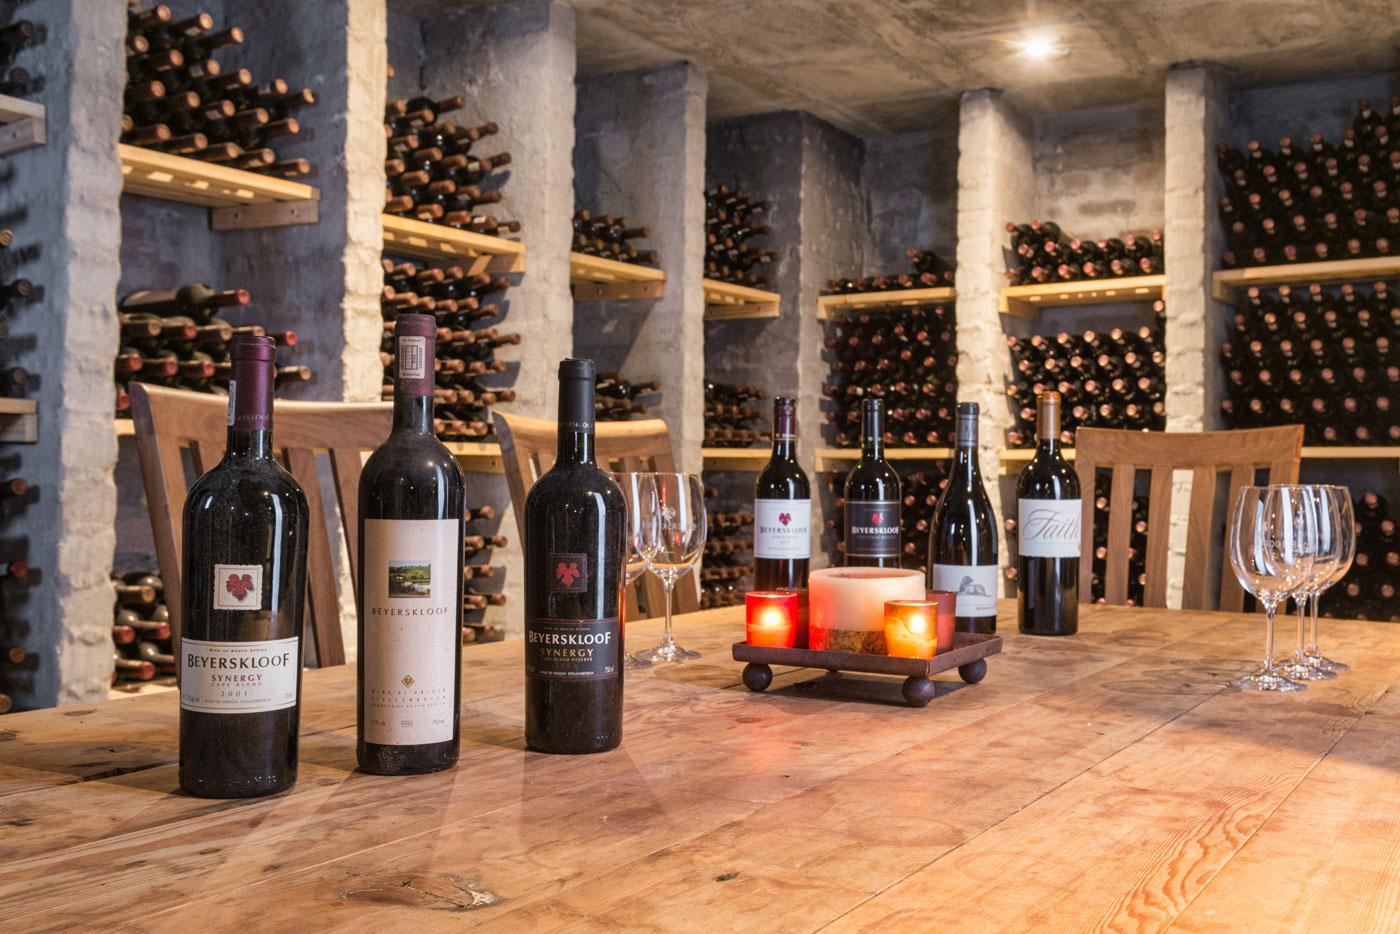 Beyerskloof Wines